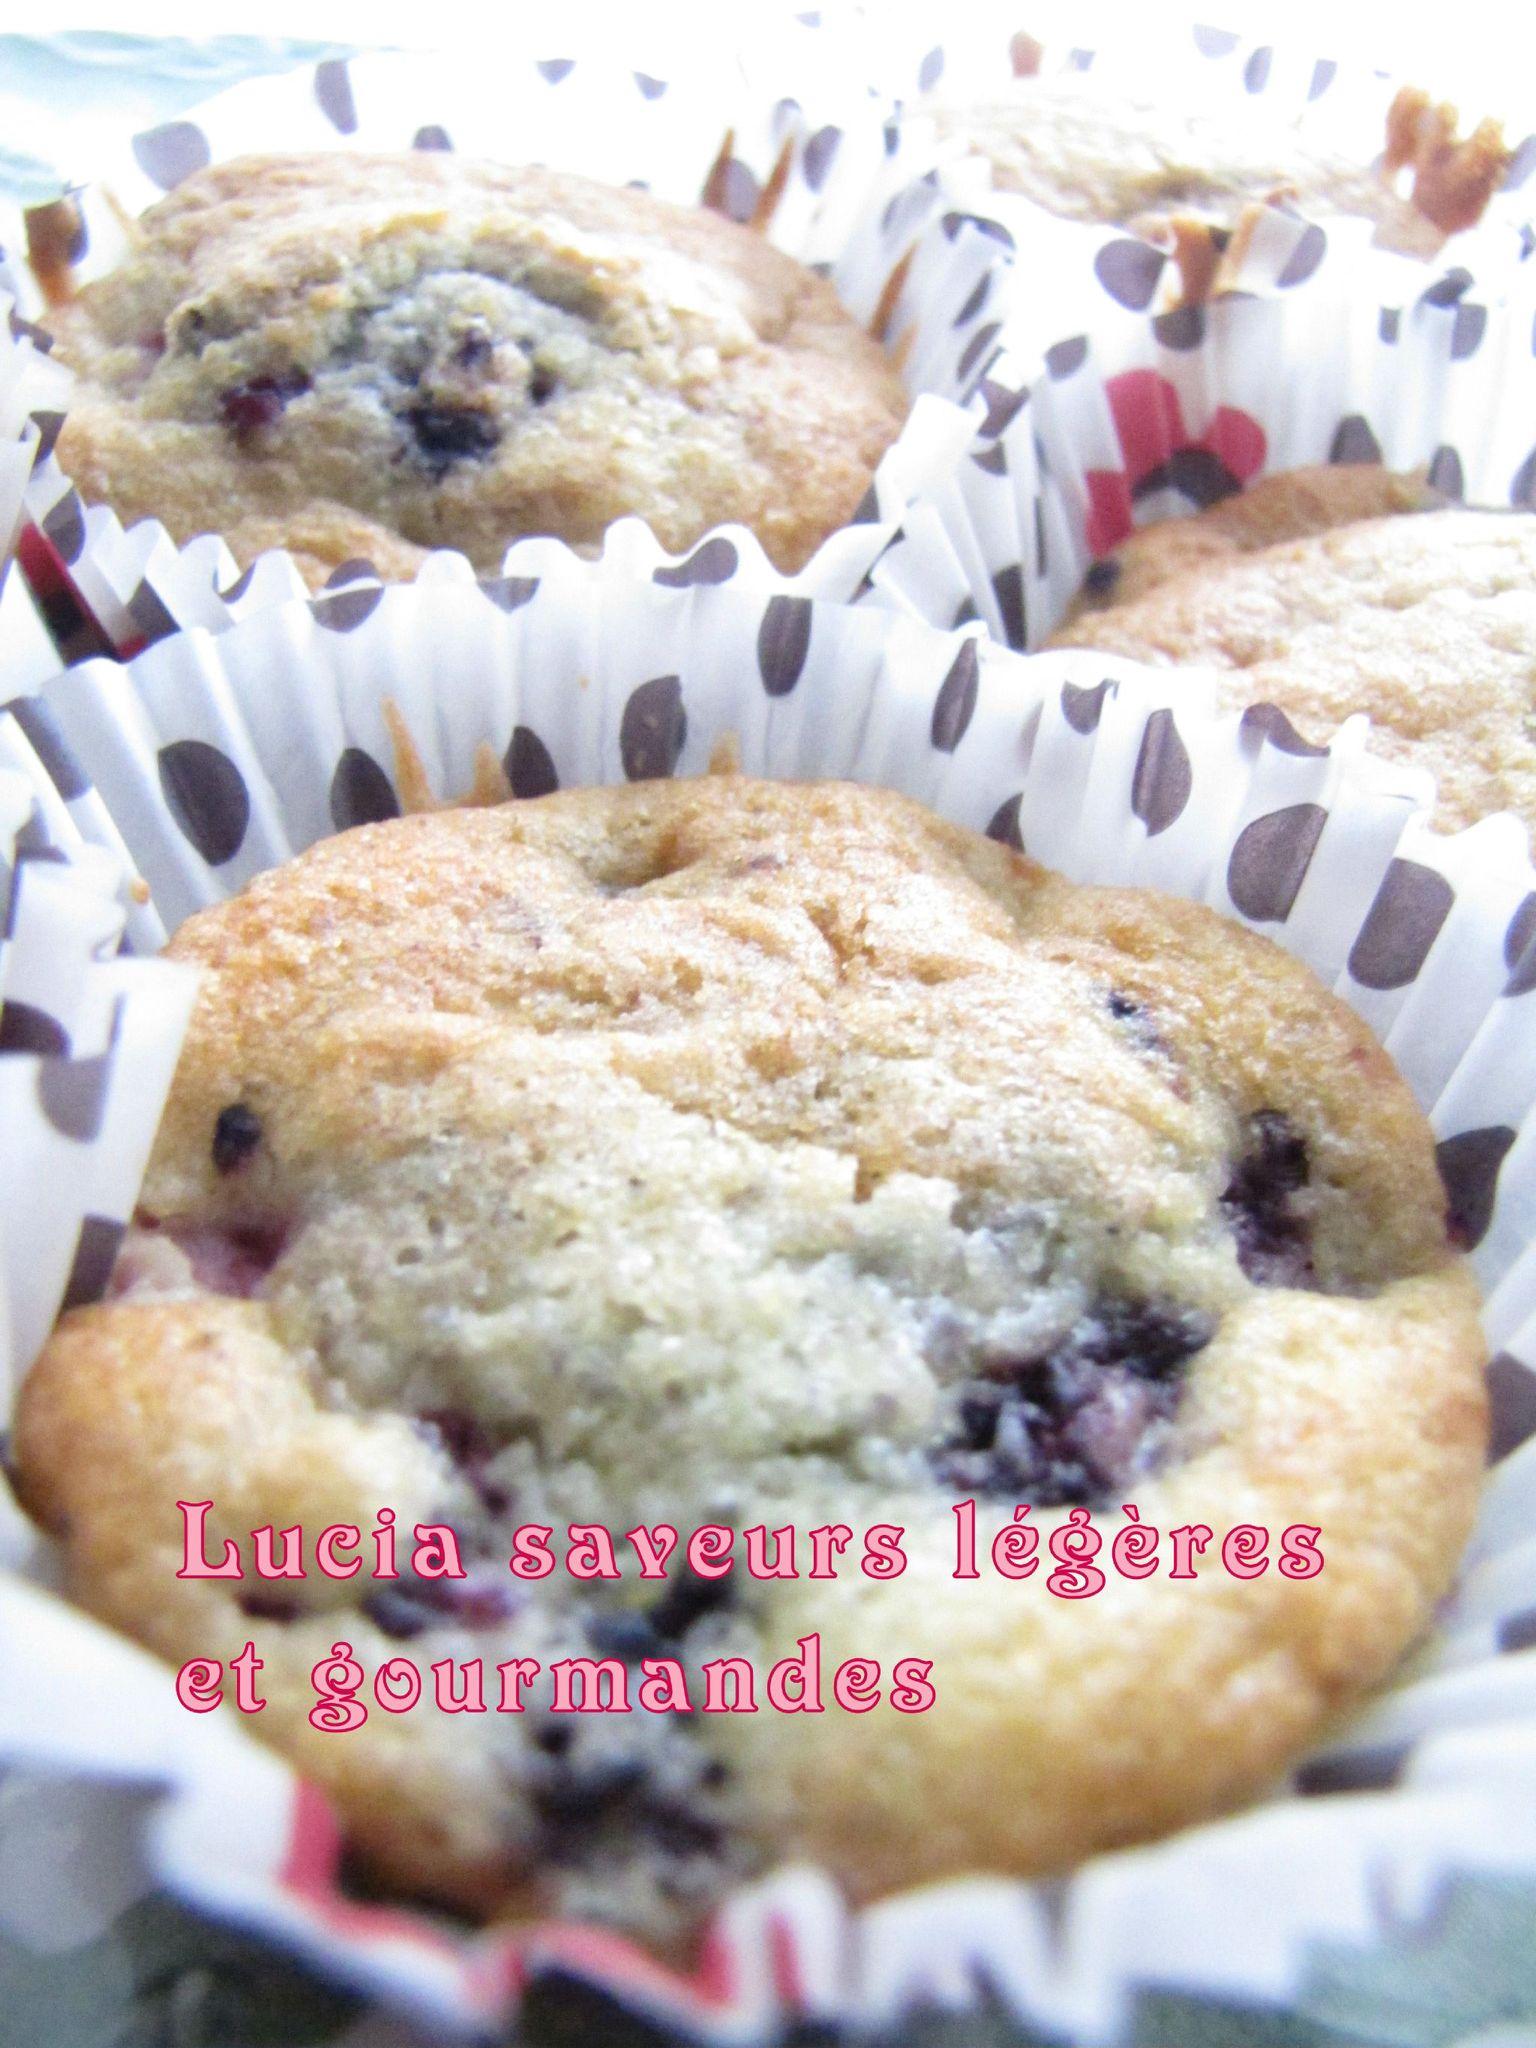 Voilà les délicieux muffins que j'ai réalisé, j'ai juste eu le ...